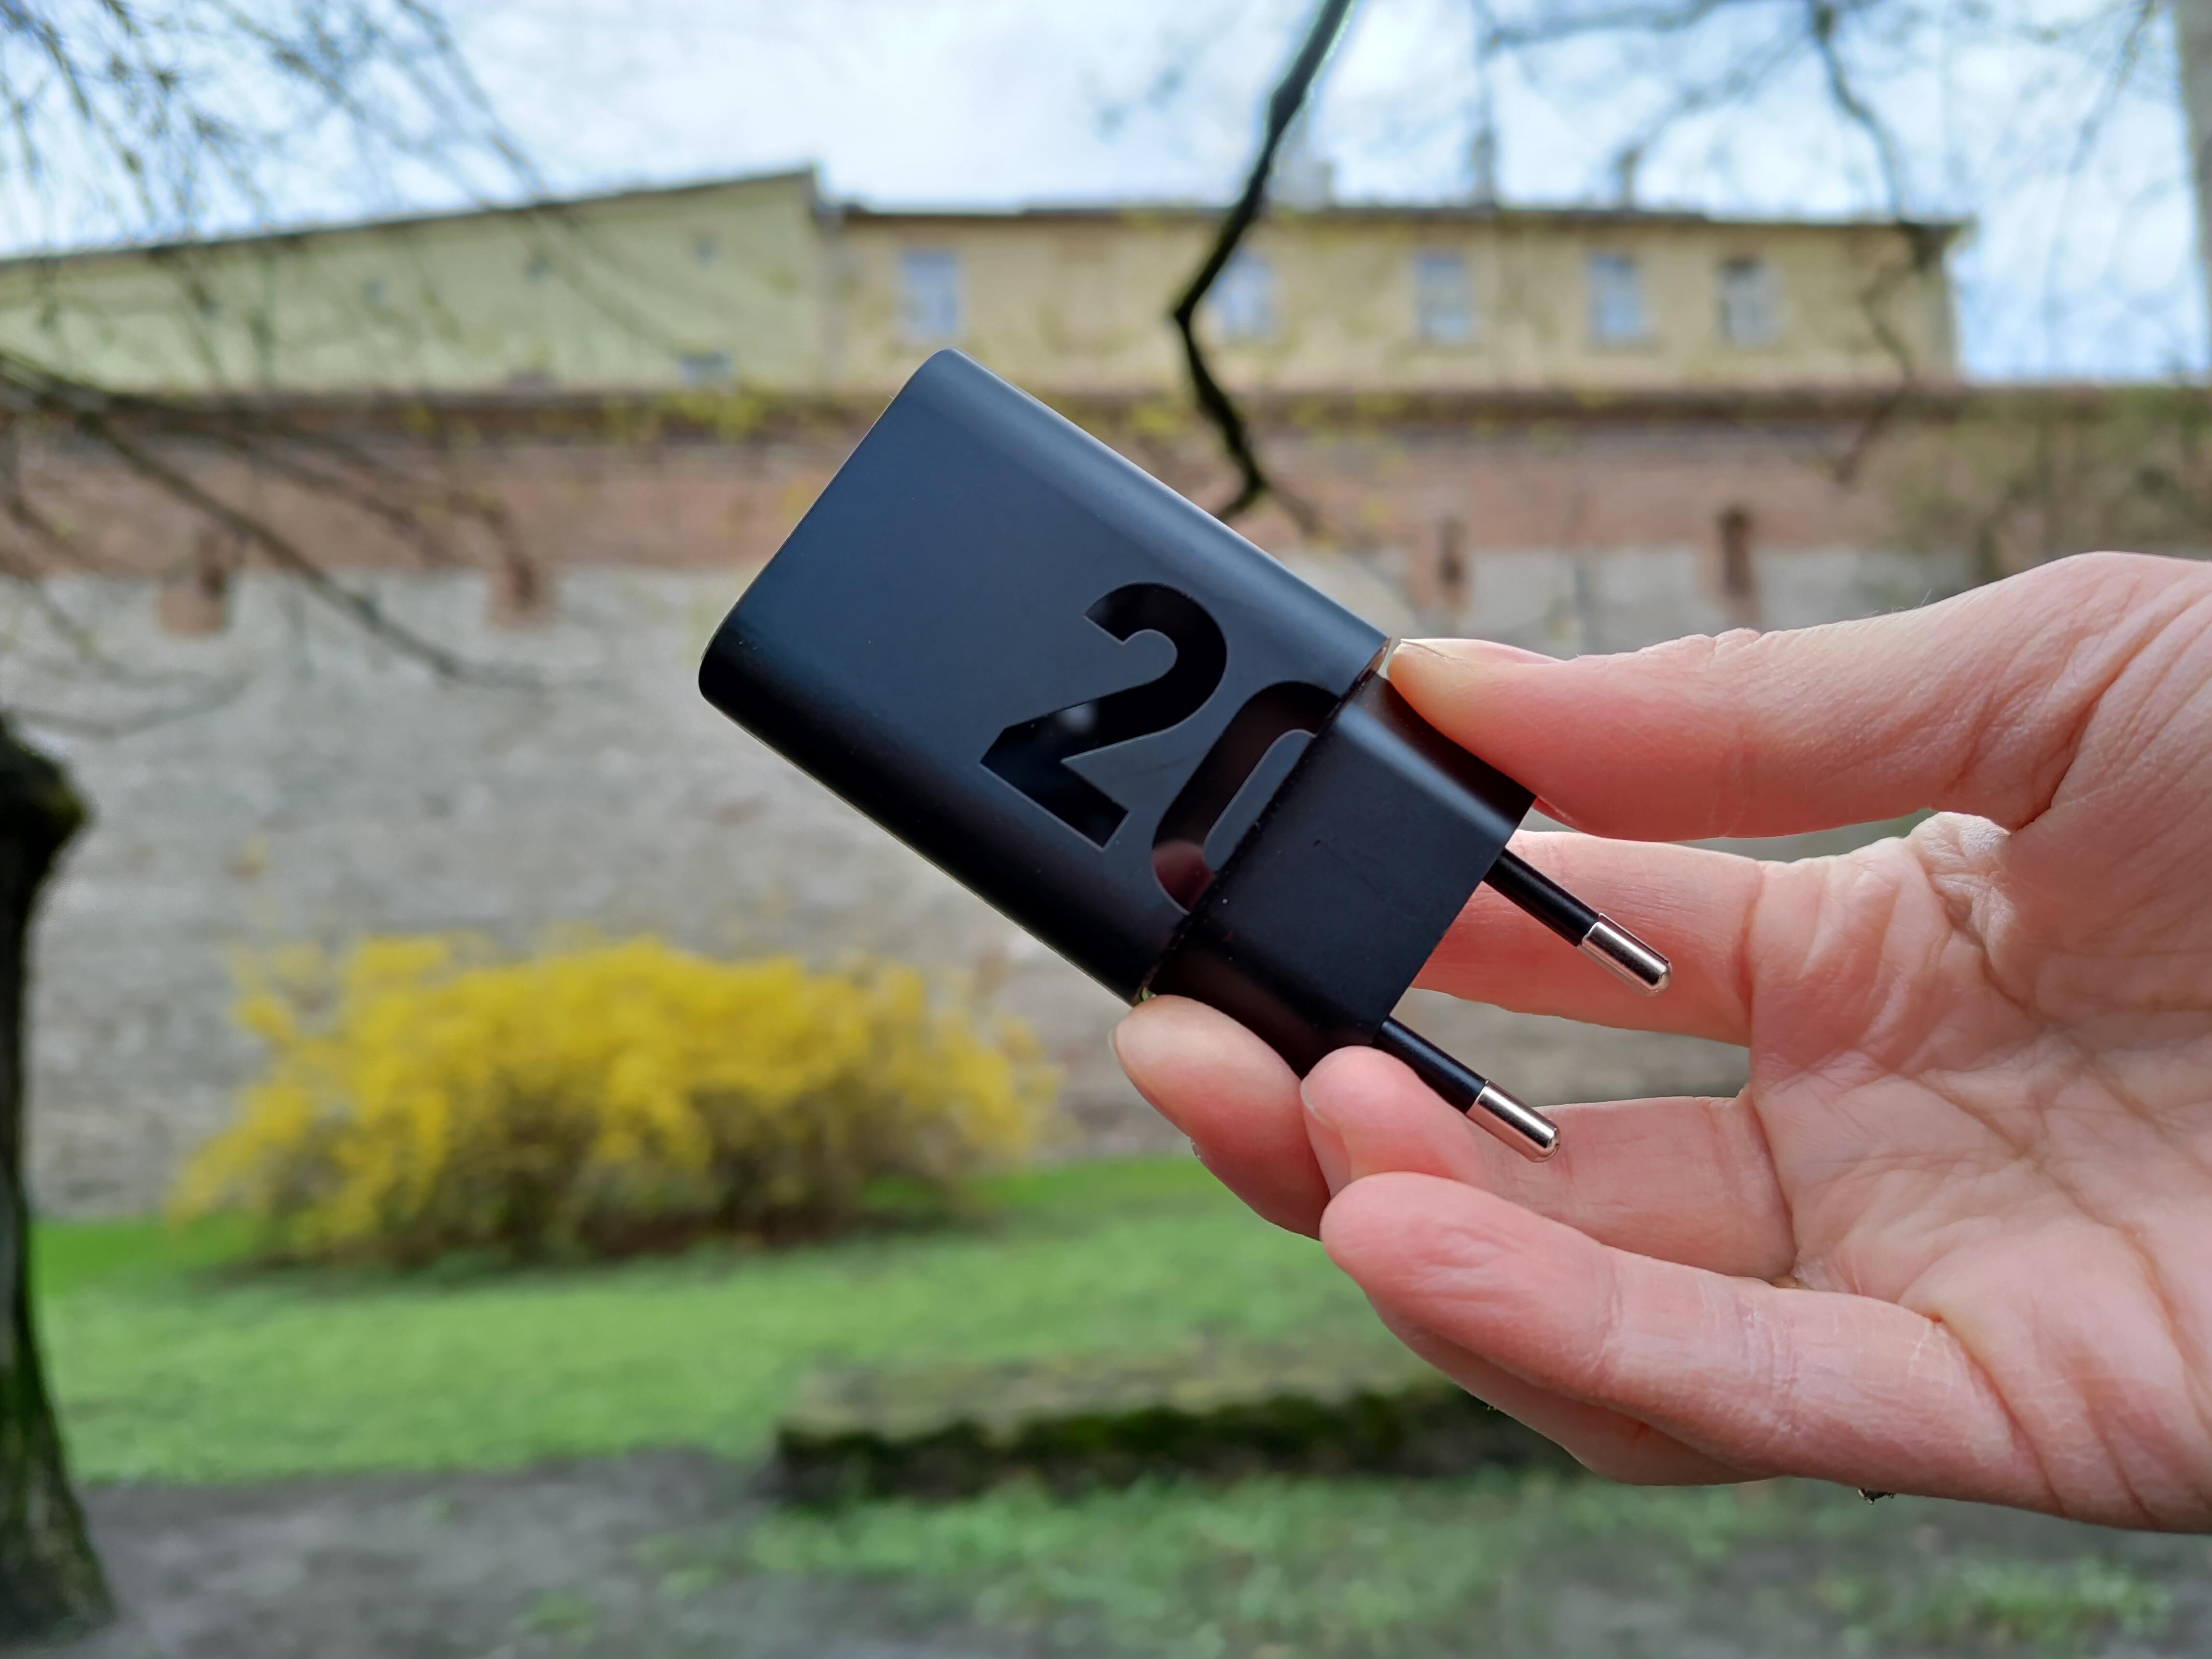 Recenzja Motorola Moto G100 - Ładowarka z zestawu - fot. Tabletowo.pl